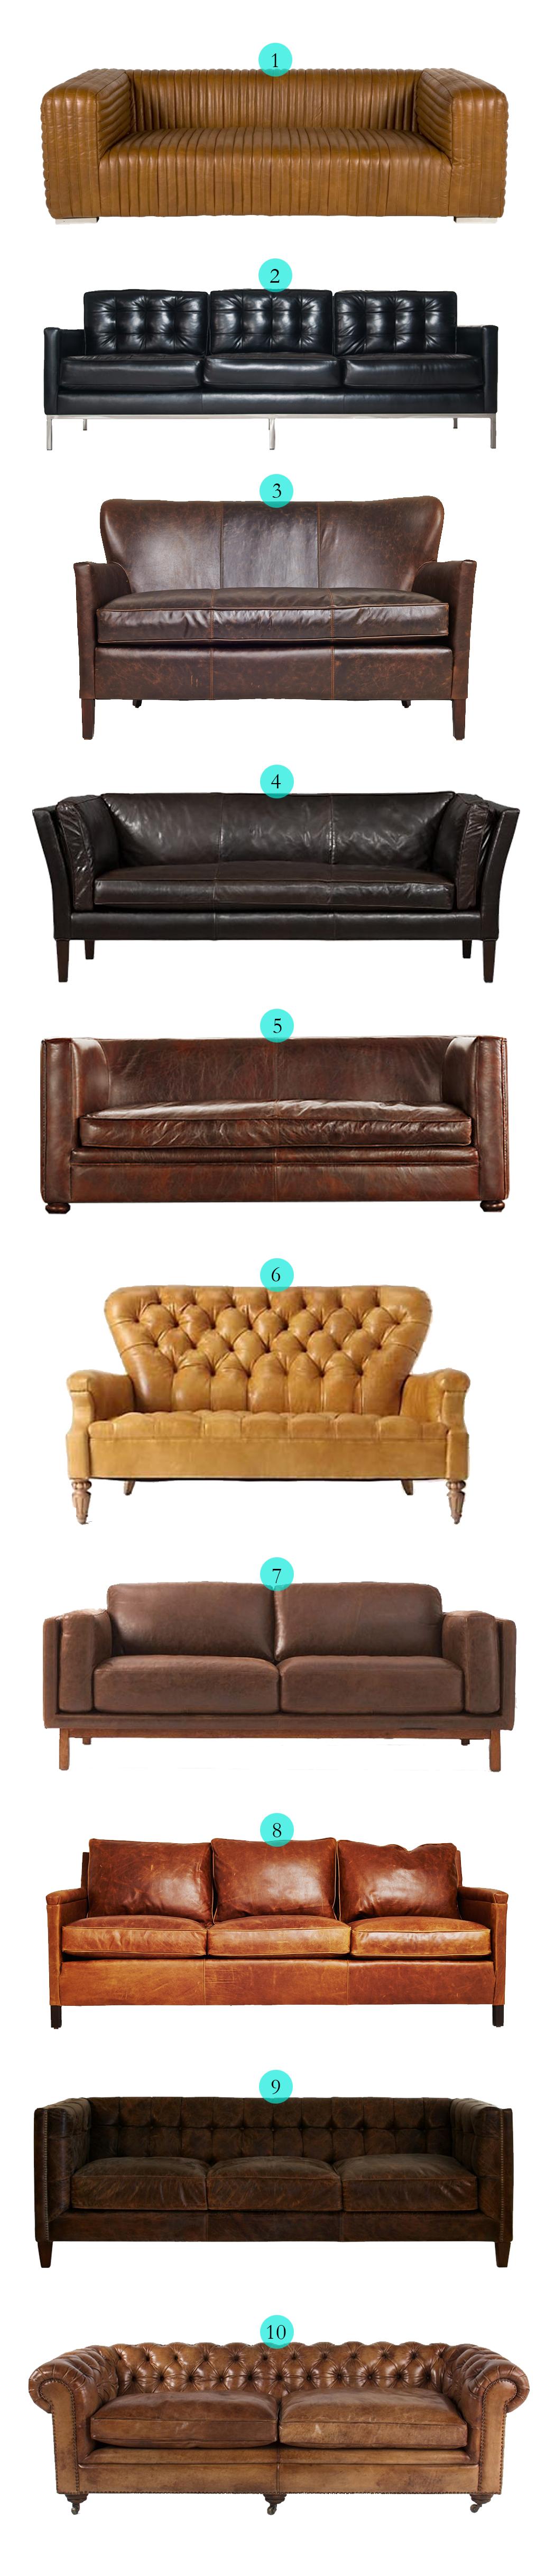 Tuesday Ten: Leather Sofas via Havenly